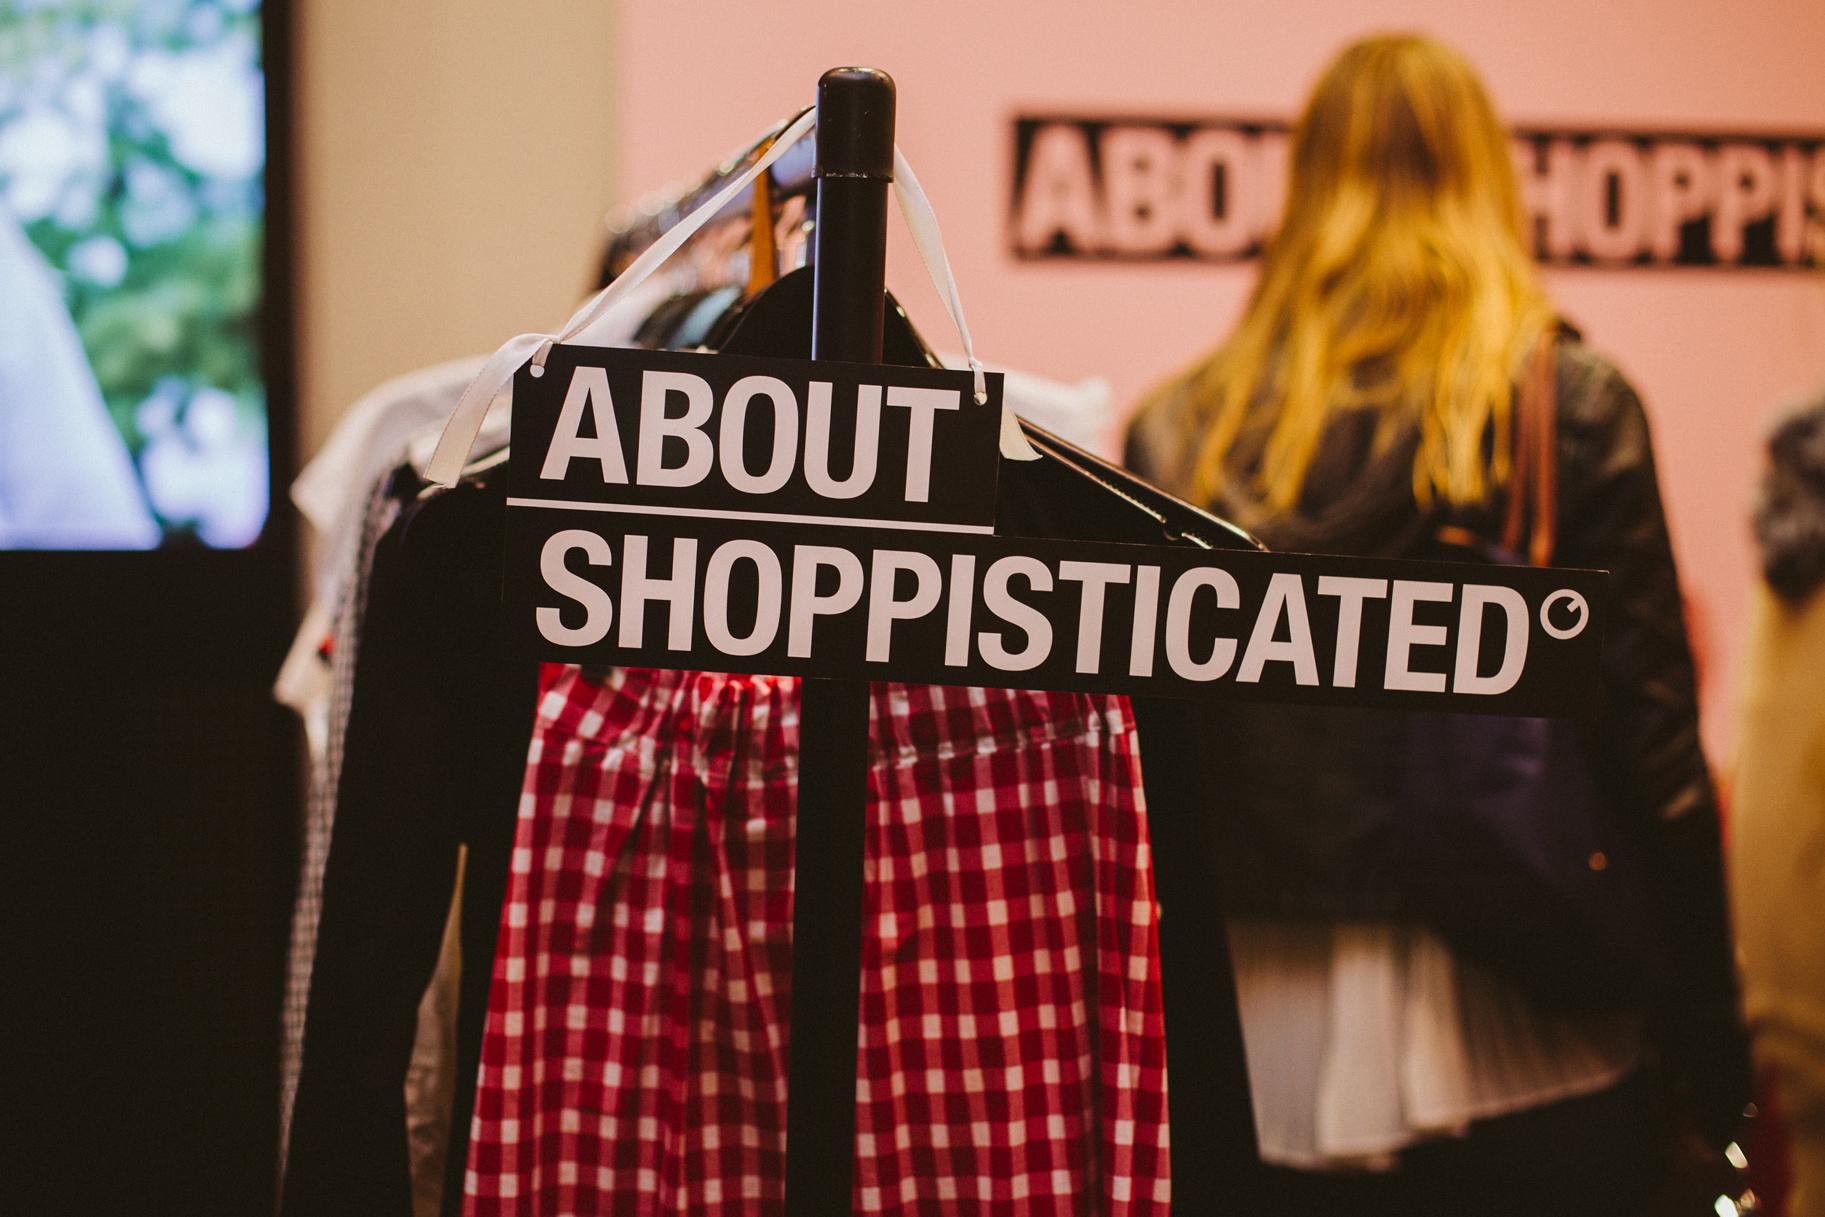 Shoppisicated